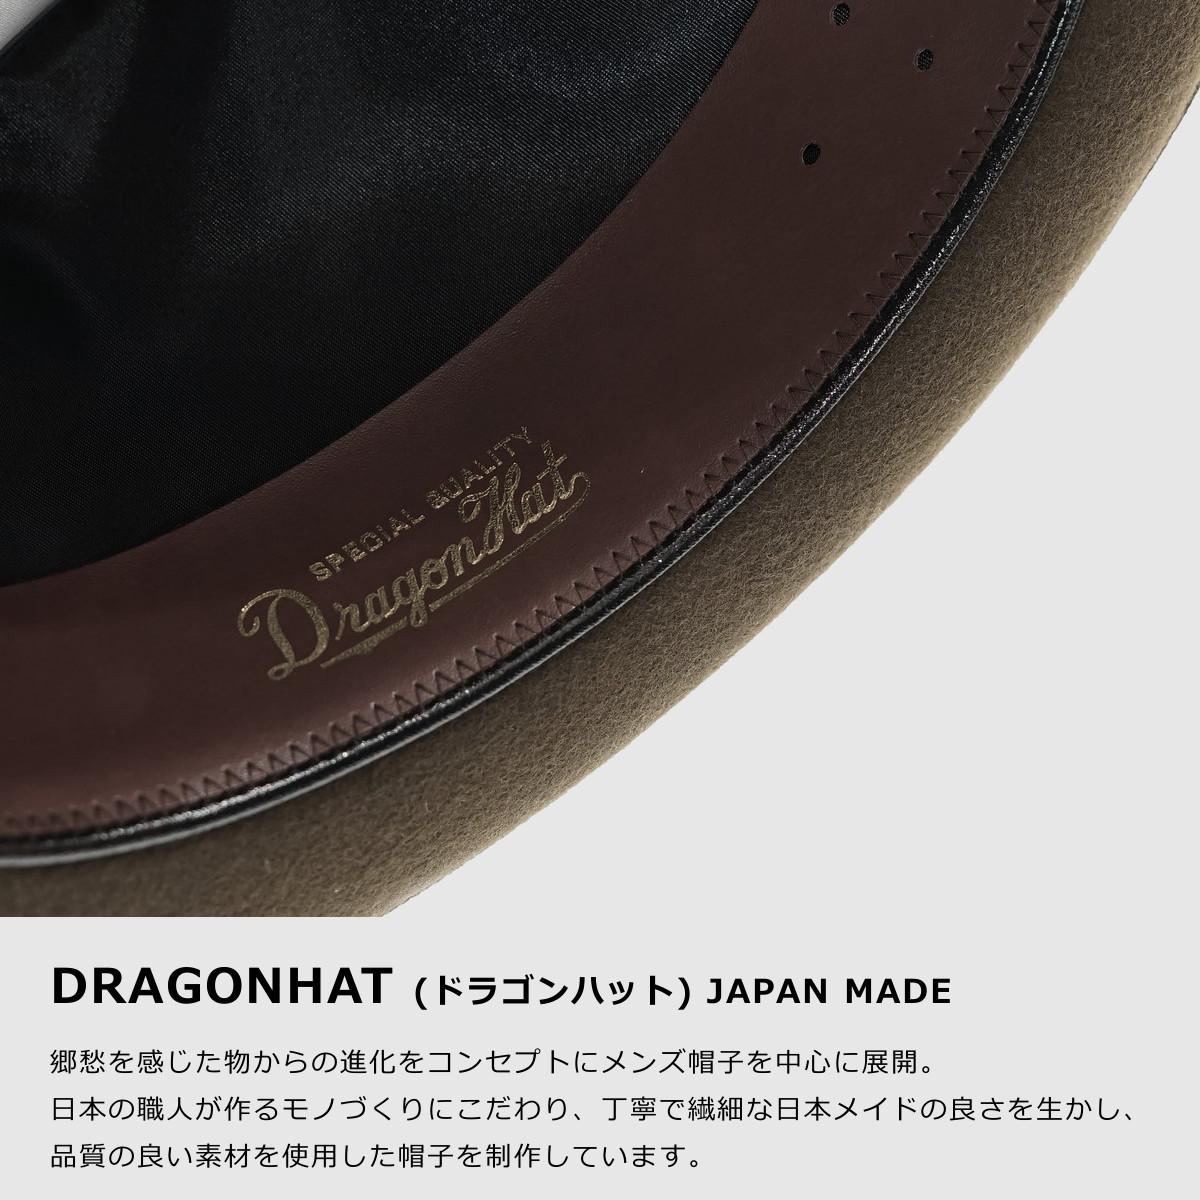 DRAGONHATについて